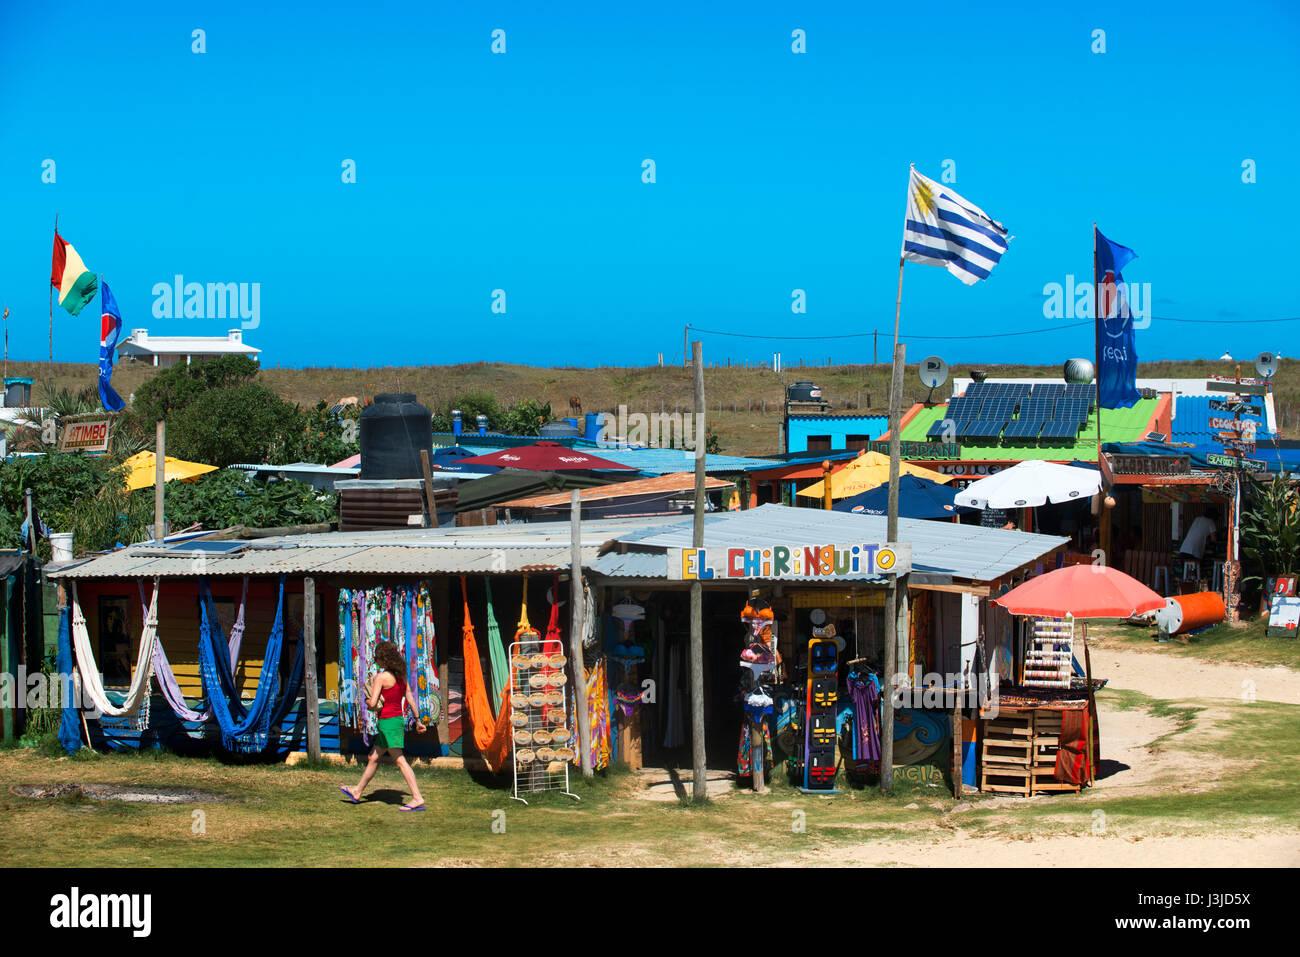 Hippie casas y tiendas en Cabo Polonio, Rocha, Uruguay Imagen De Stock